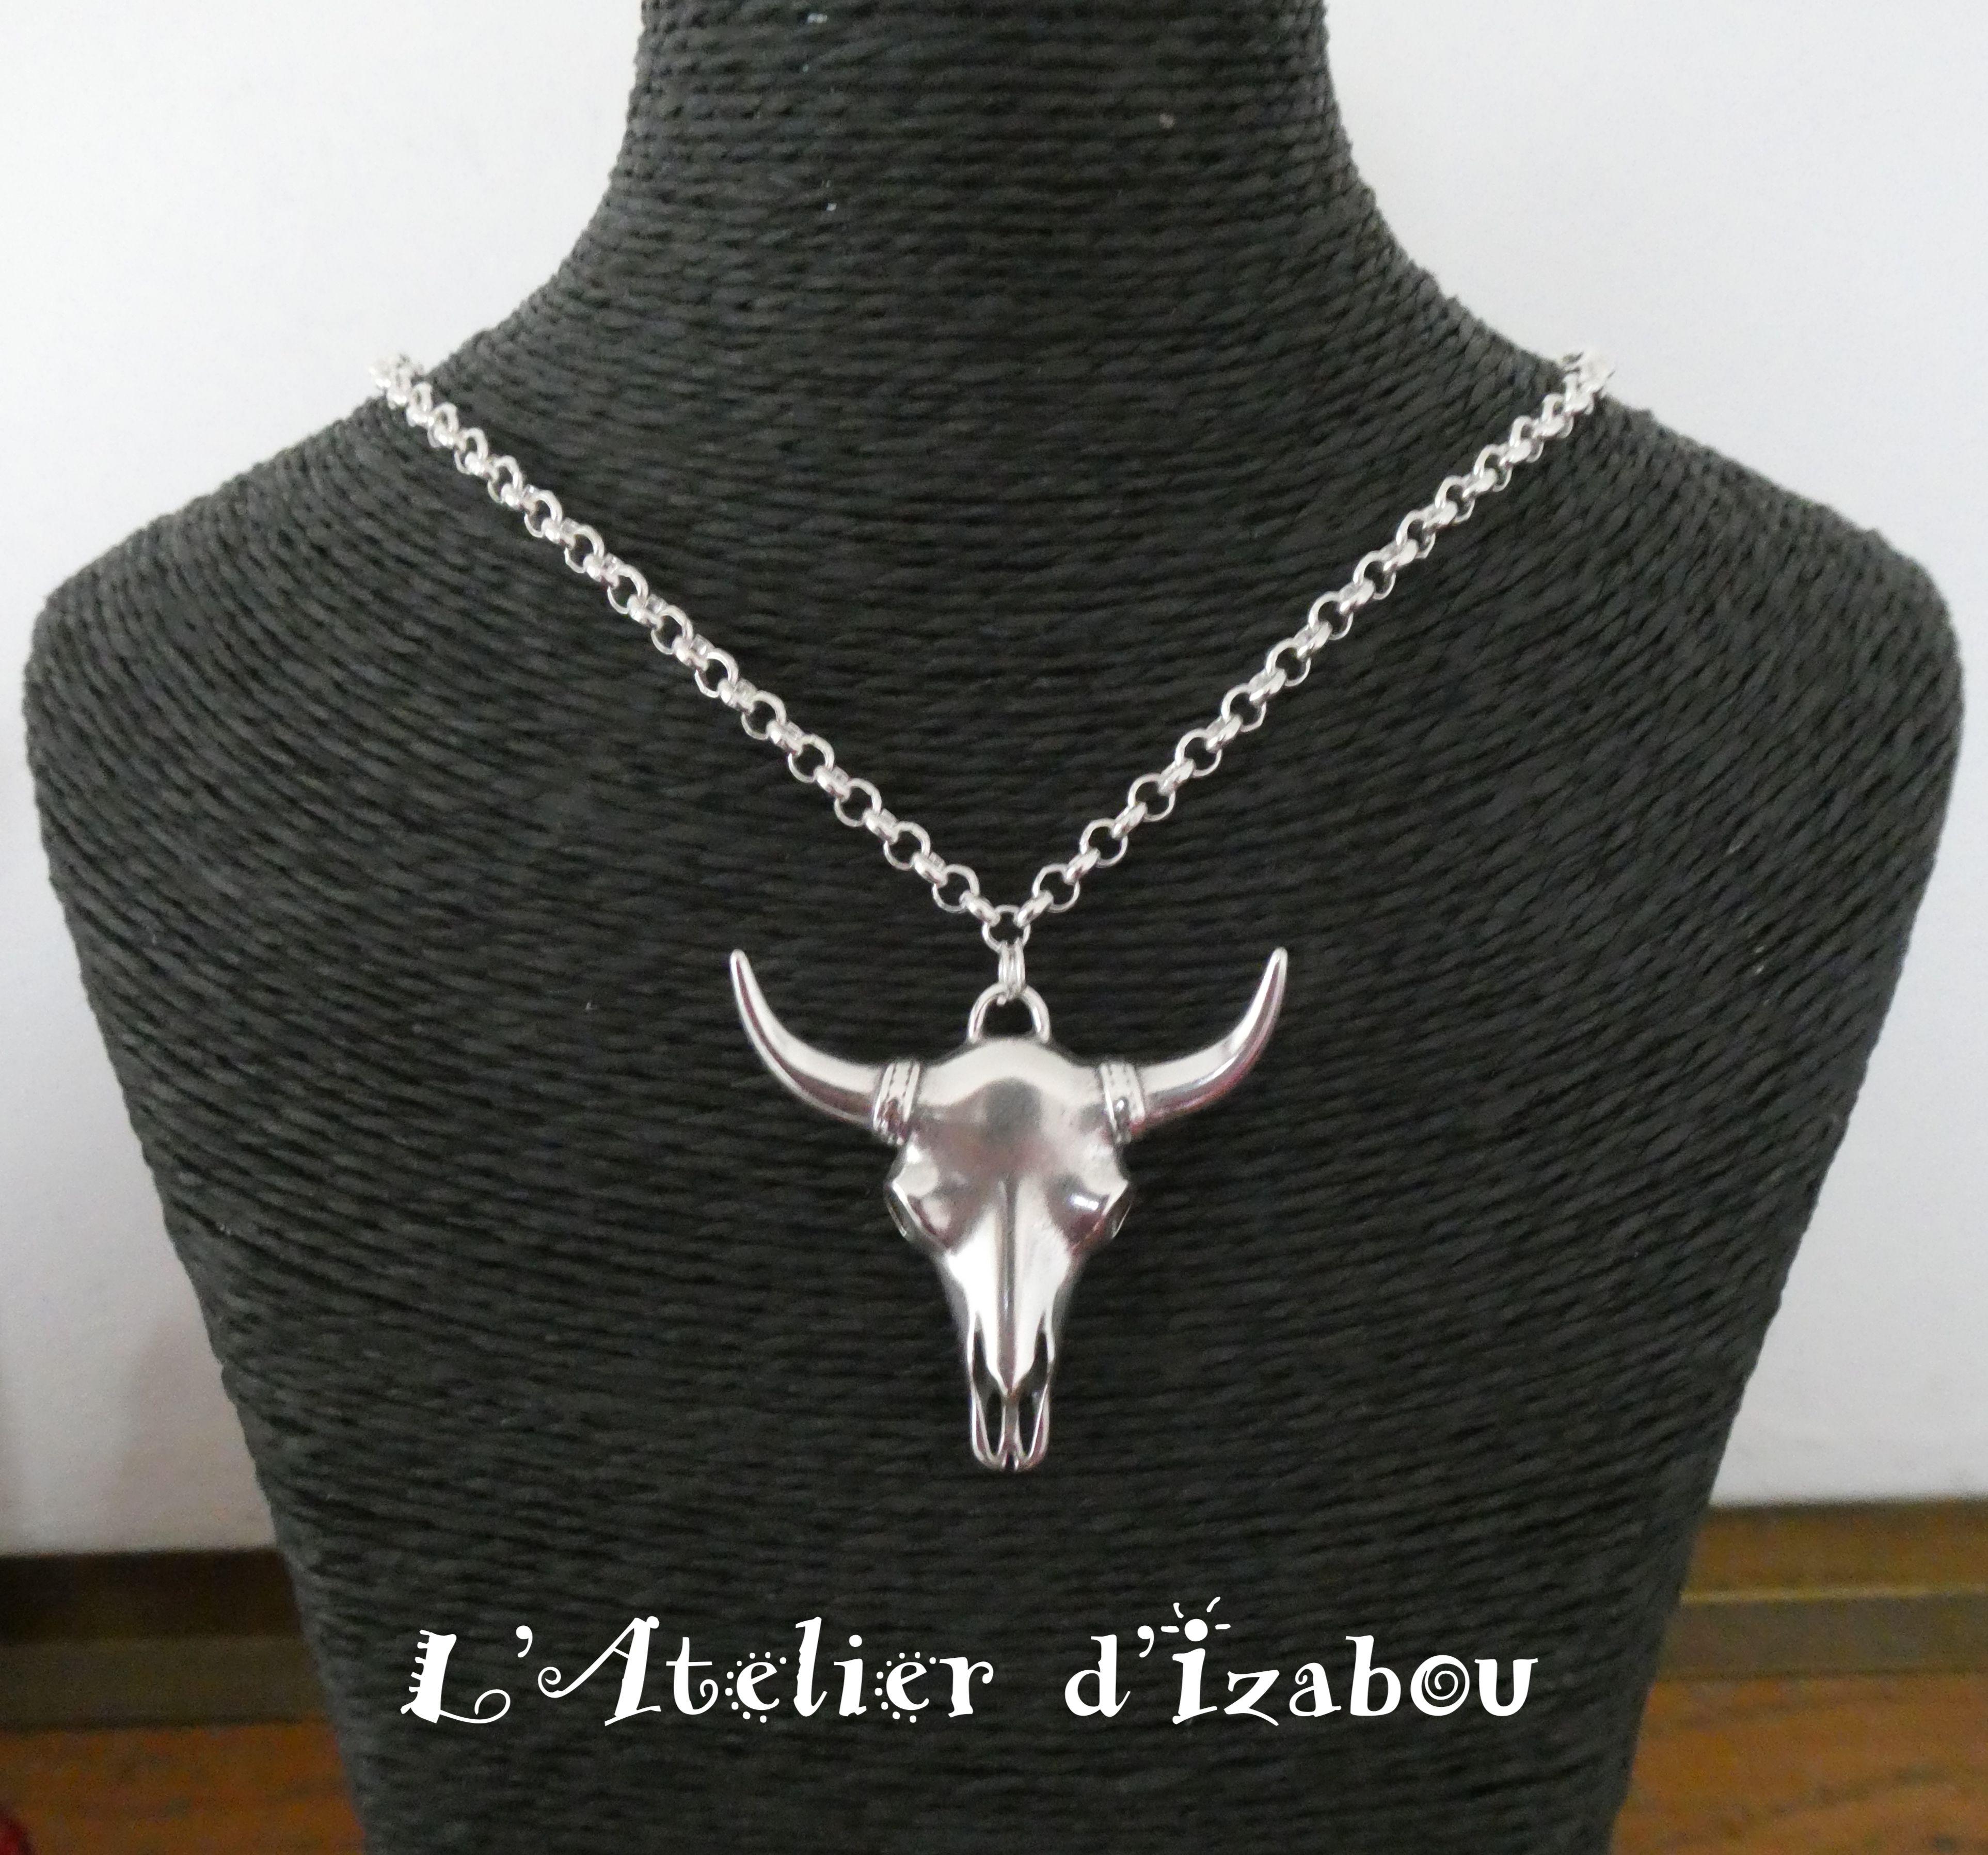 collier princesse cha ne ronde et pendentif t te de buffle collier pinterest collier. Black Bedroom Furniture Sets. Home Design Ideas